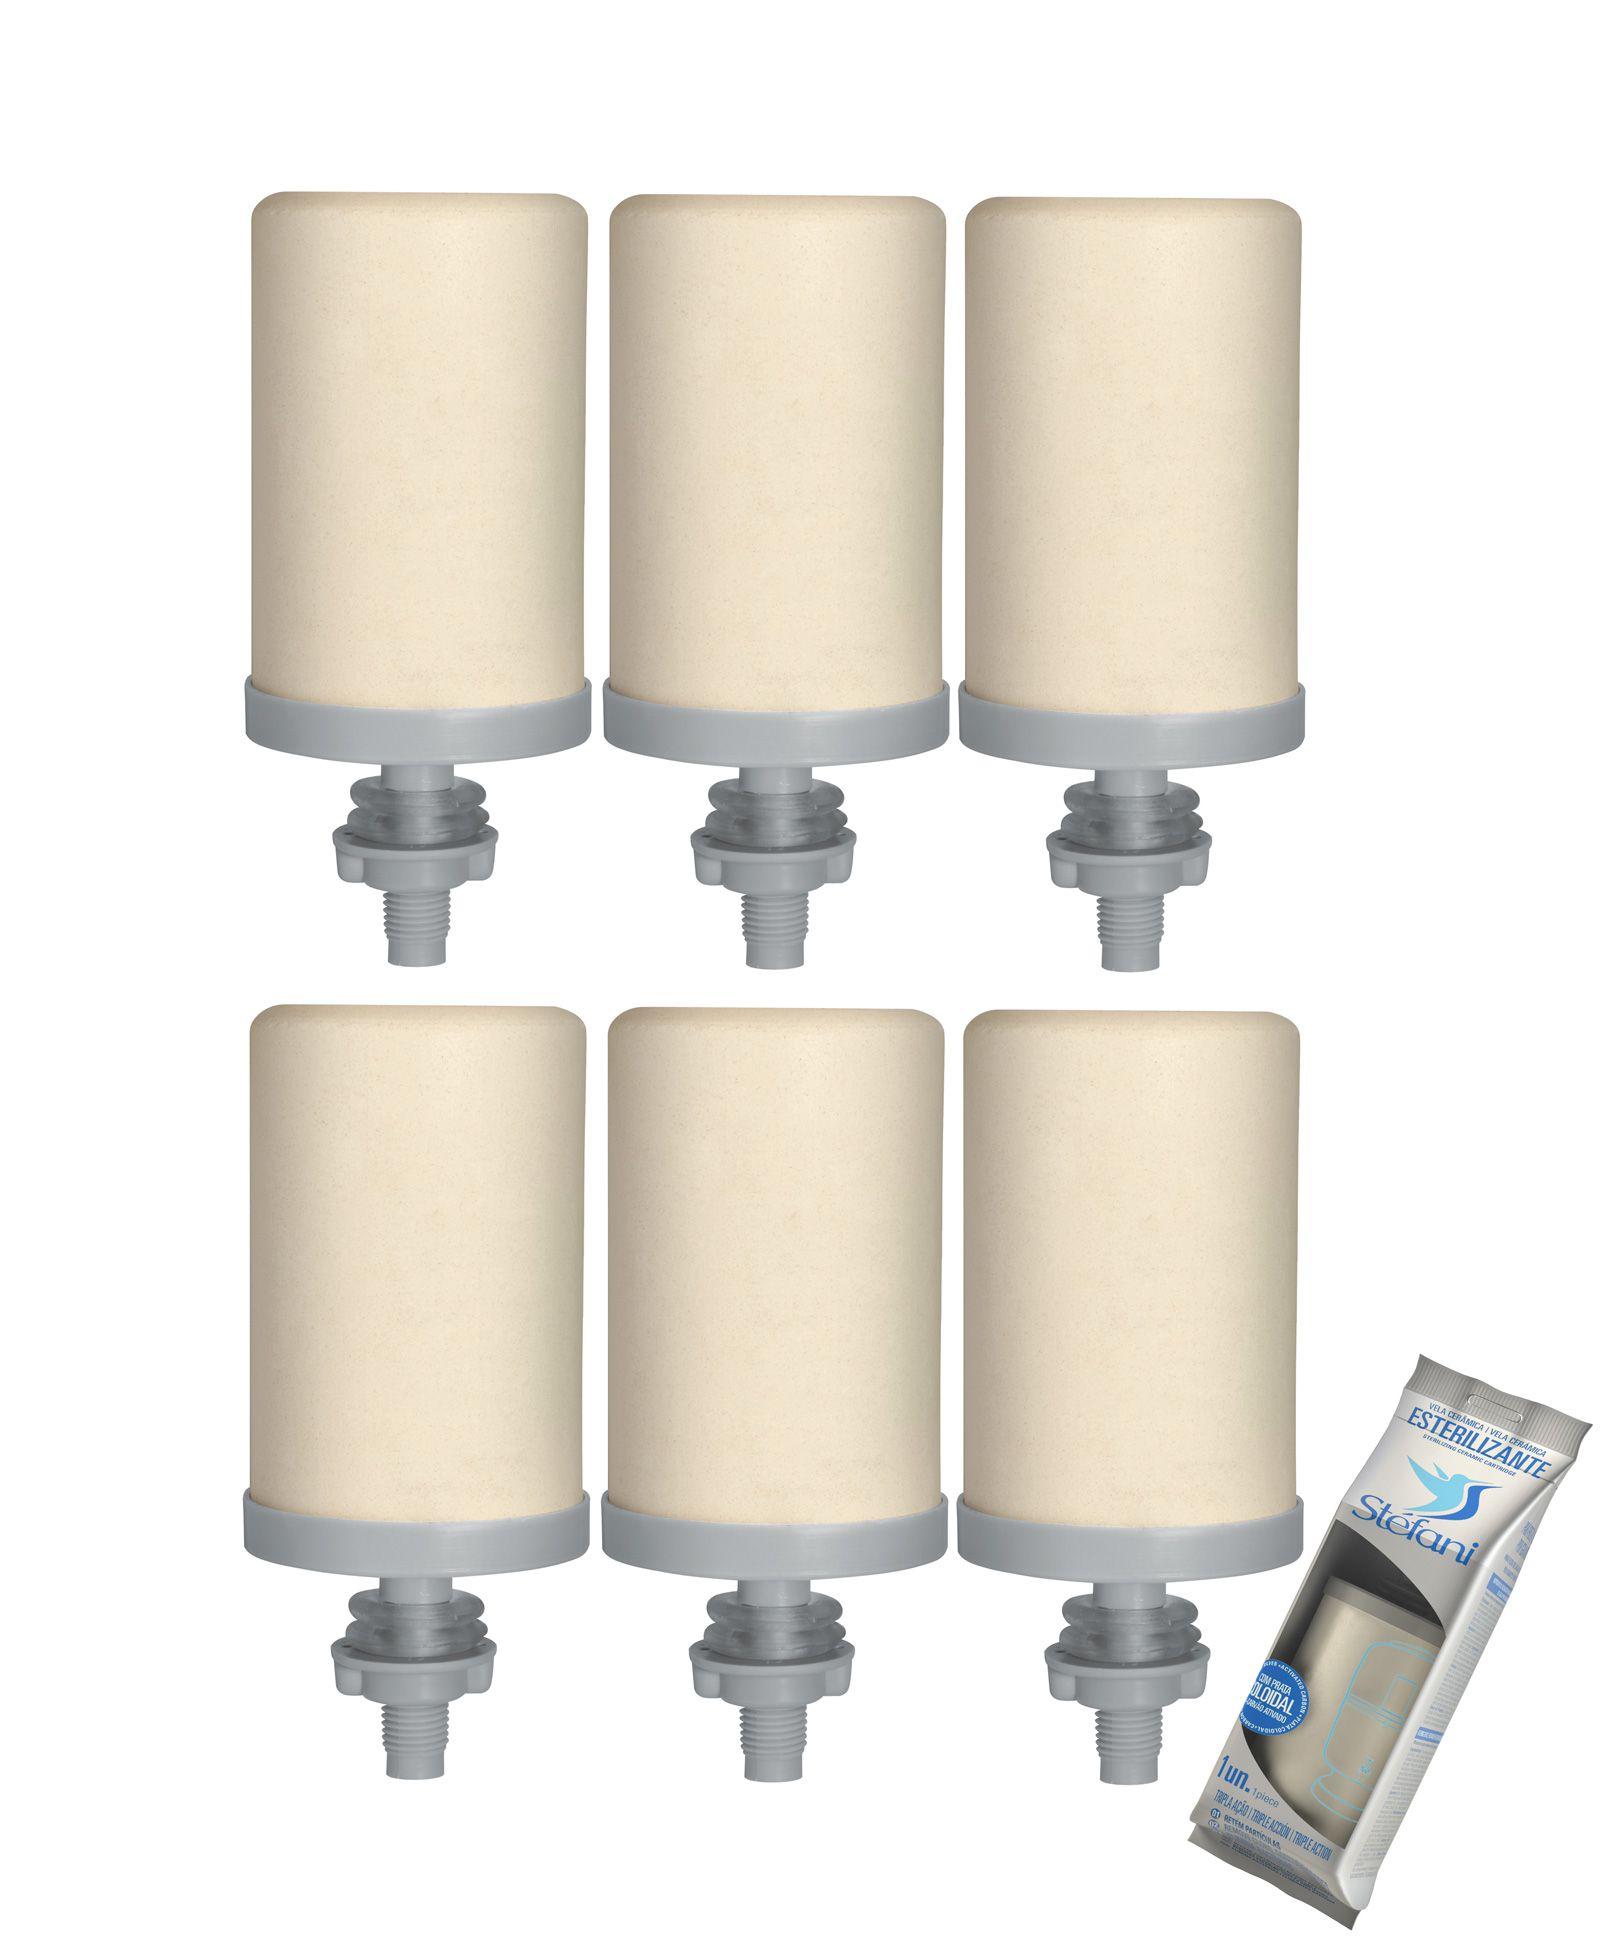 Vela para Filtro de Barro Stefani Tripla Ação 06 unidades  - CN Distribuidora